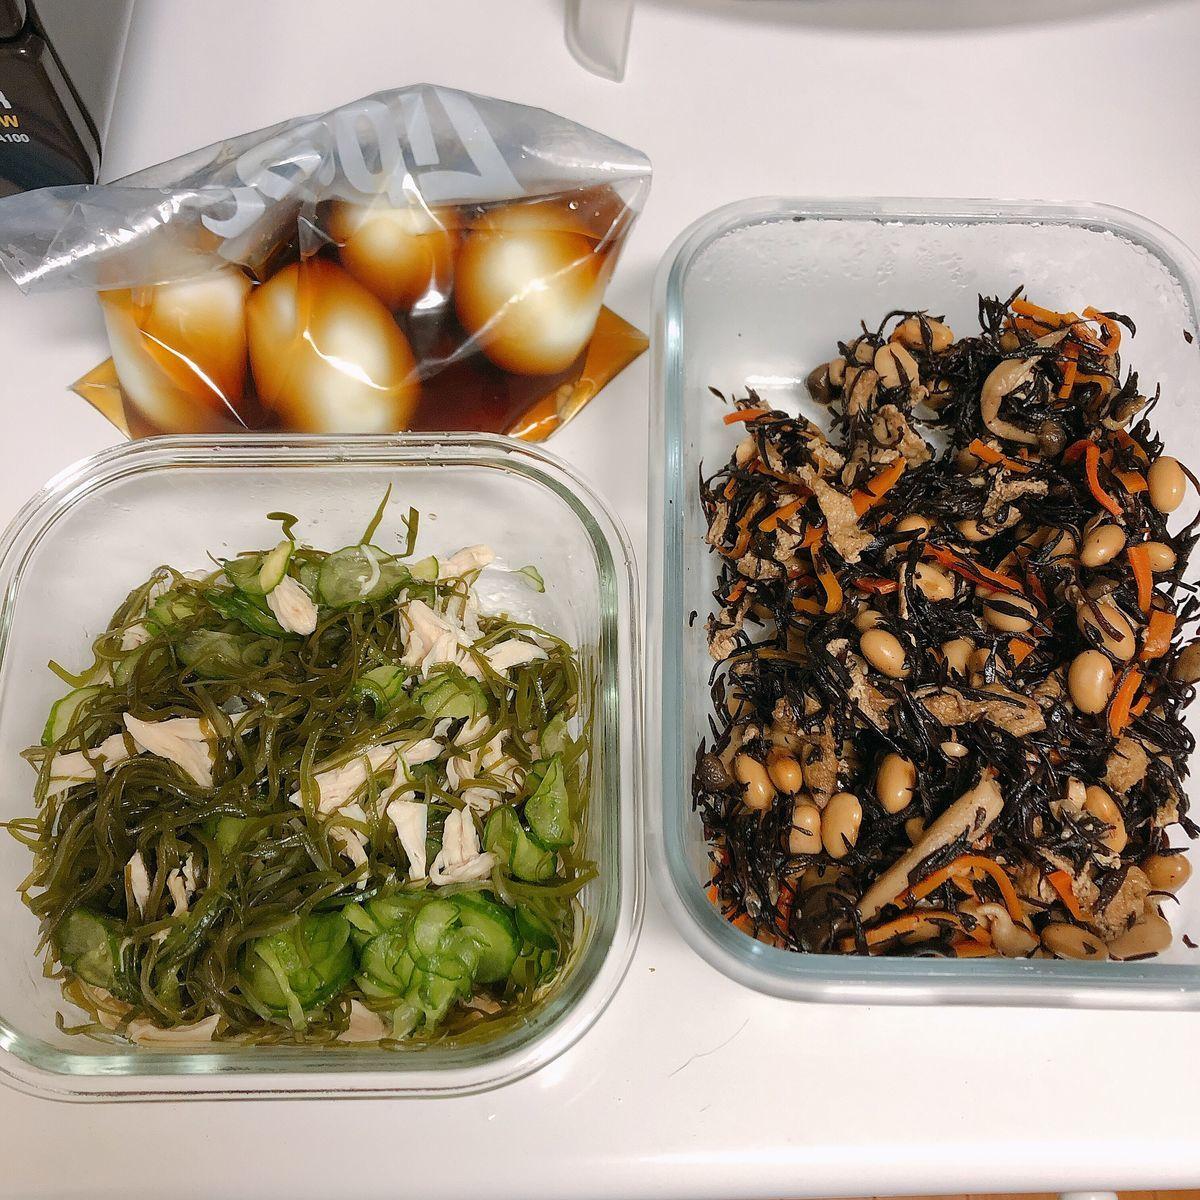 左上にジッパー付き保存袋に入った味玉、左下にガラス製の保存容器に入った切り昆布ときゅうりの和え物、右にガラス製の保存容器に入ったひじきの煮物